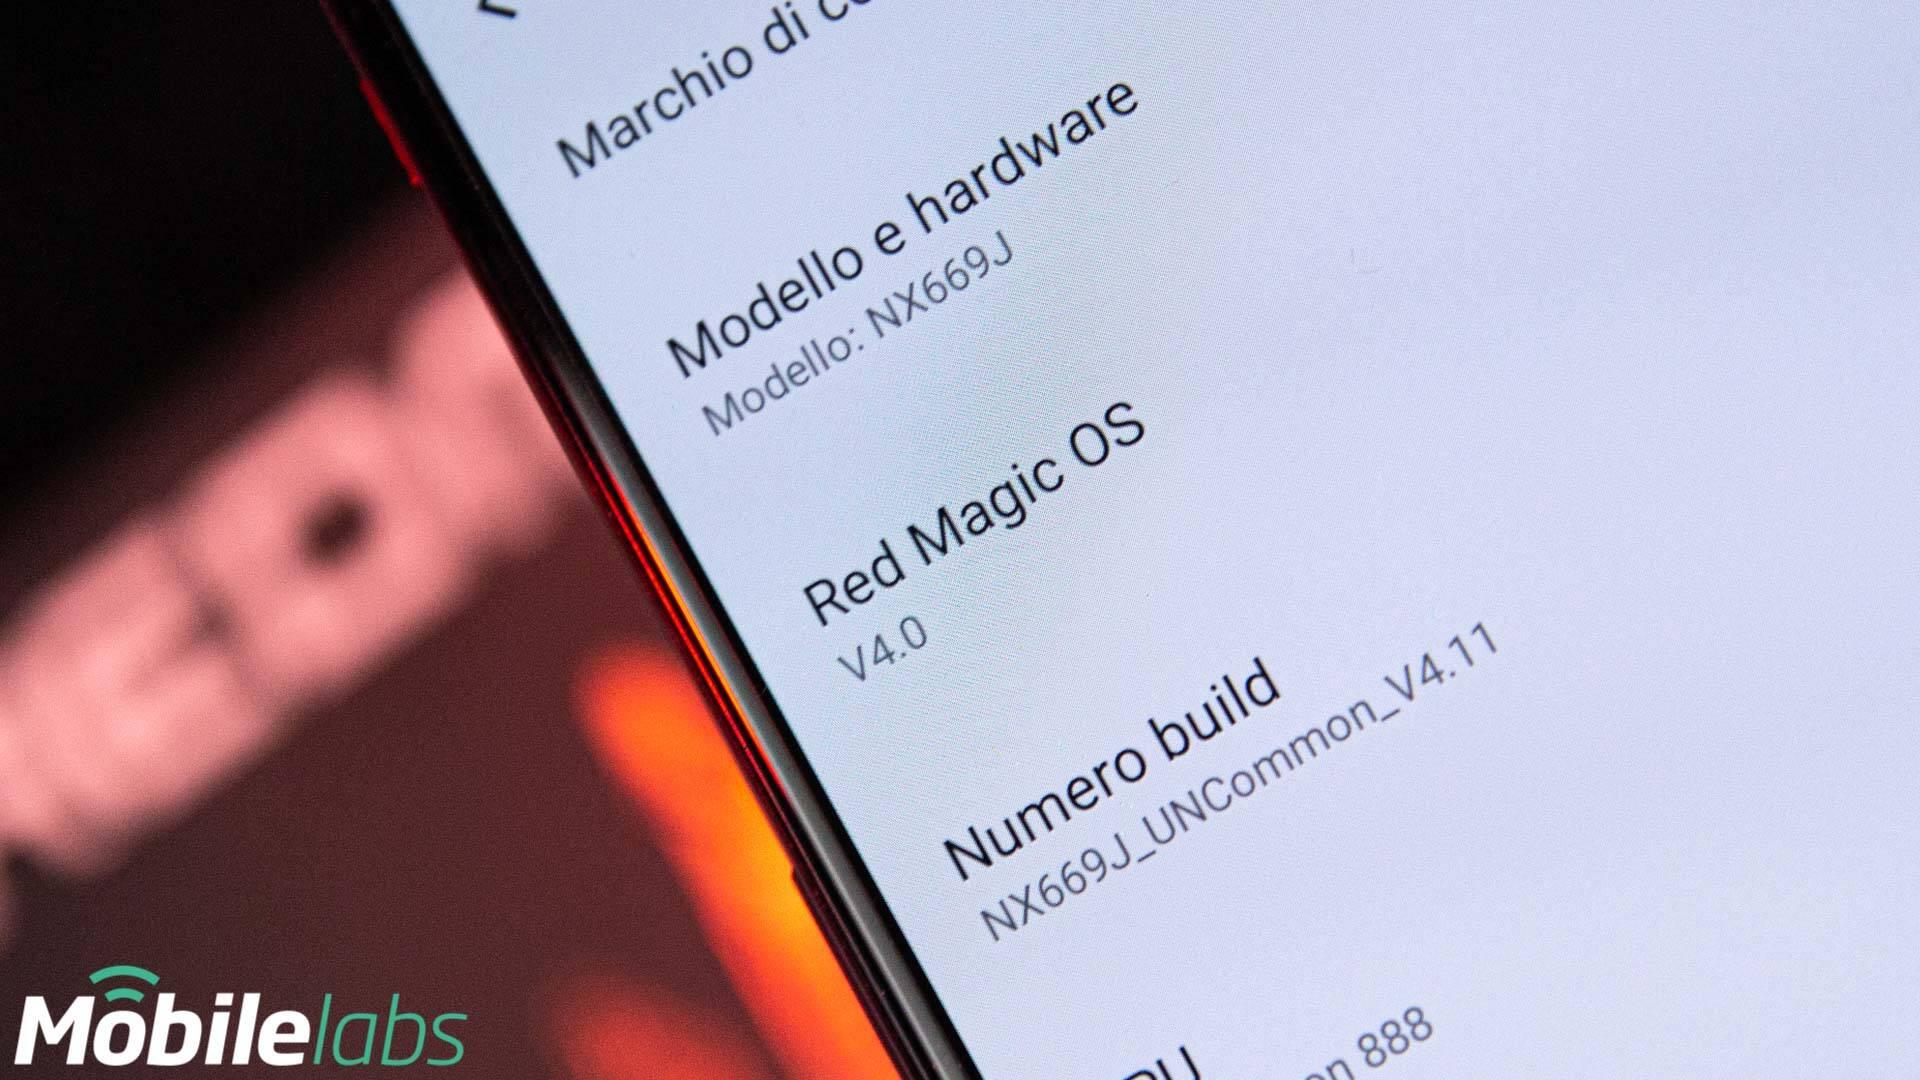 Nubia - Redmagic 6 Pro